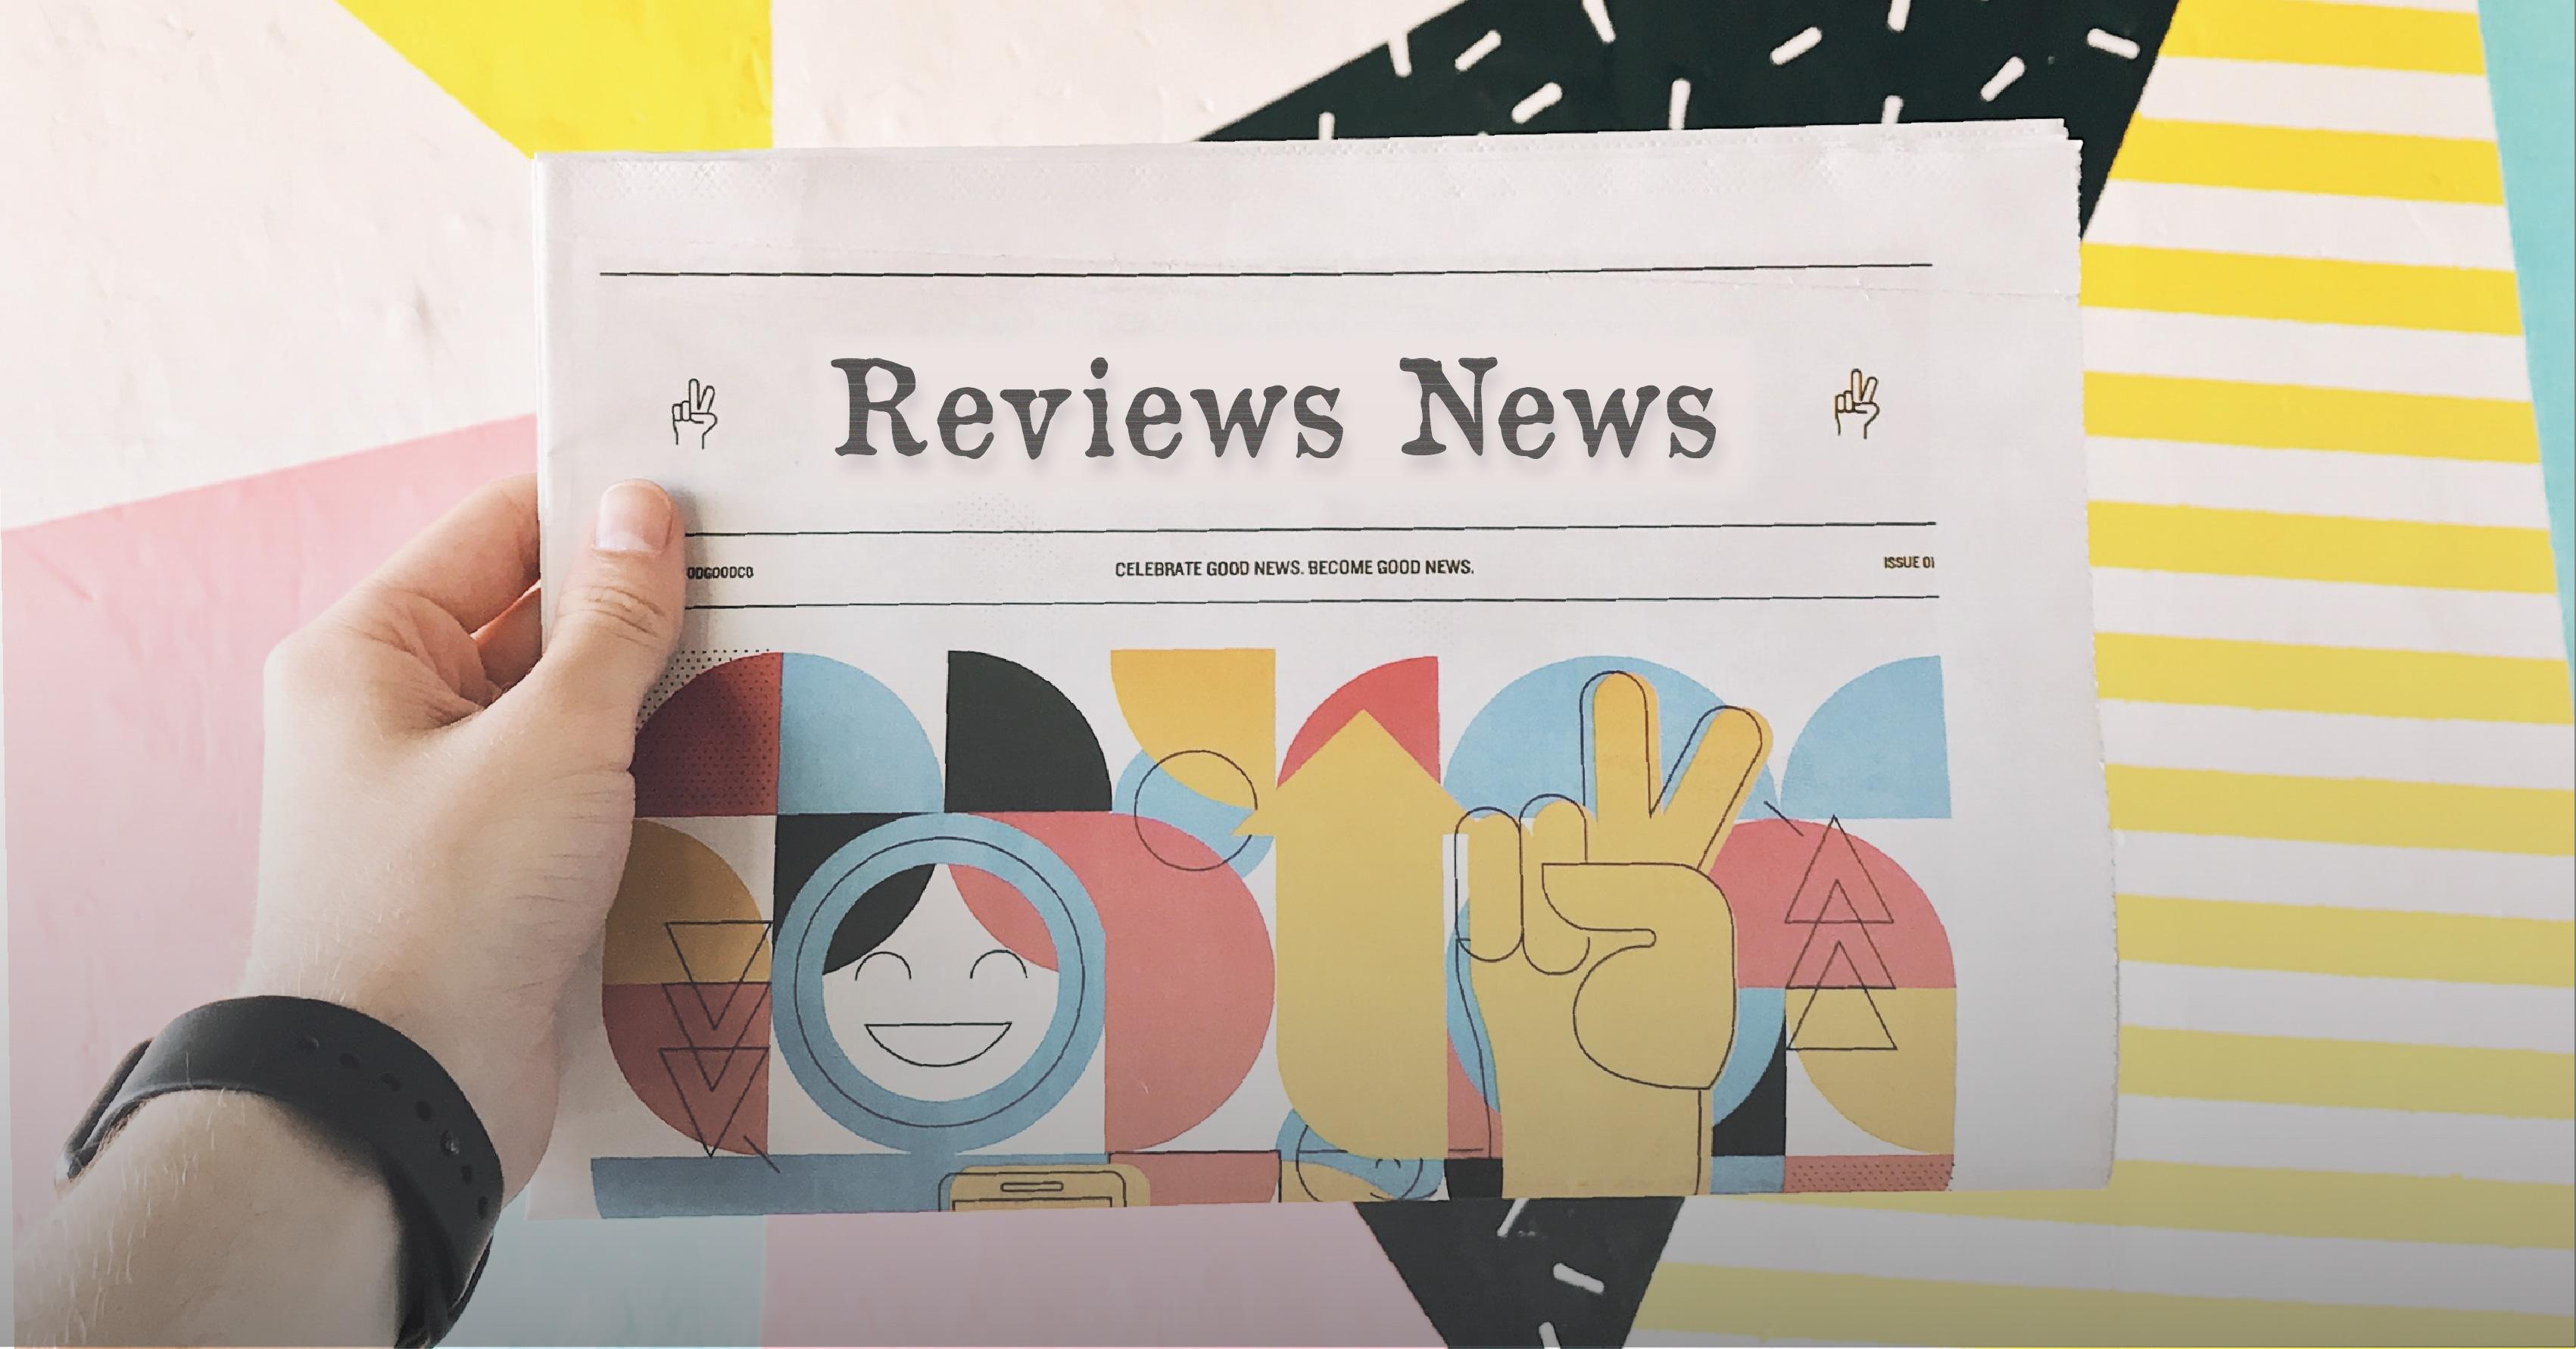 Reviews News: May '19